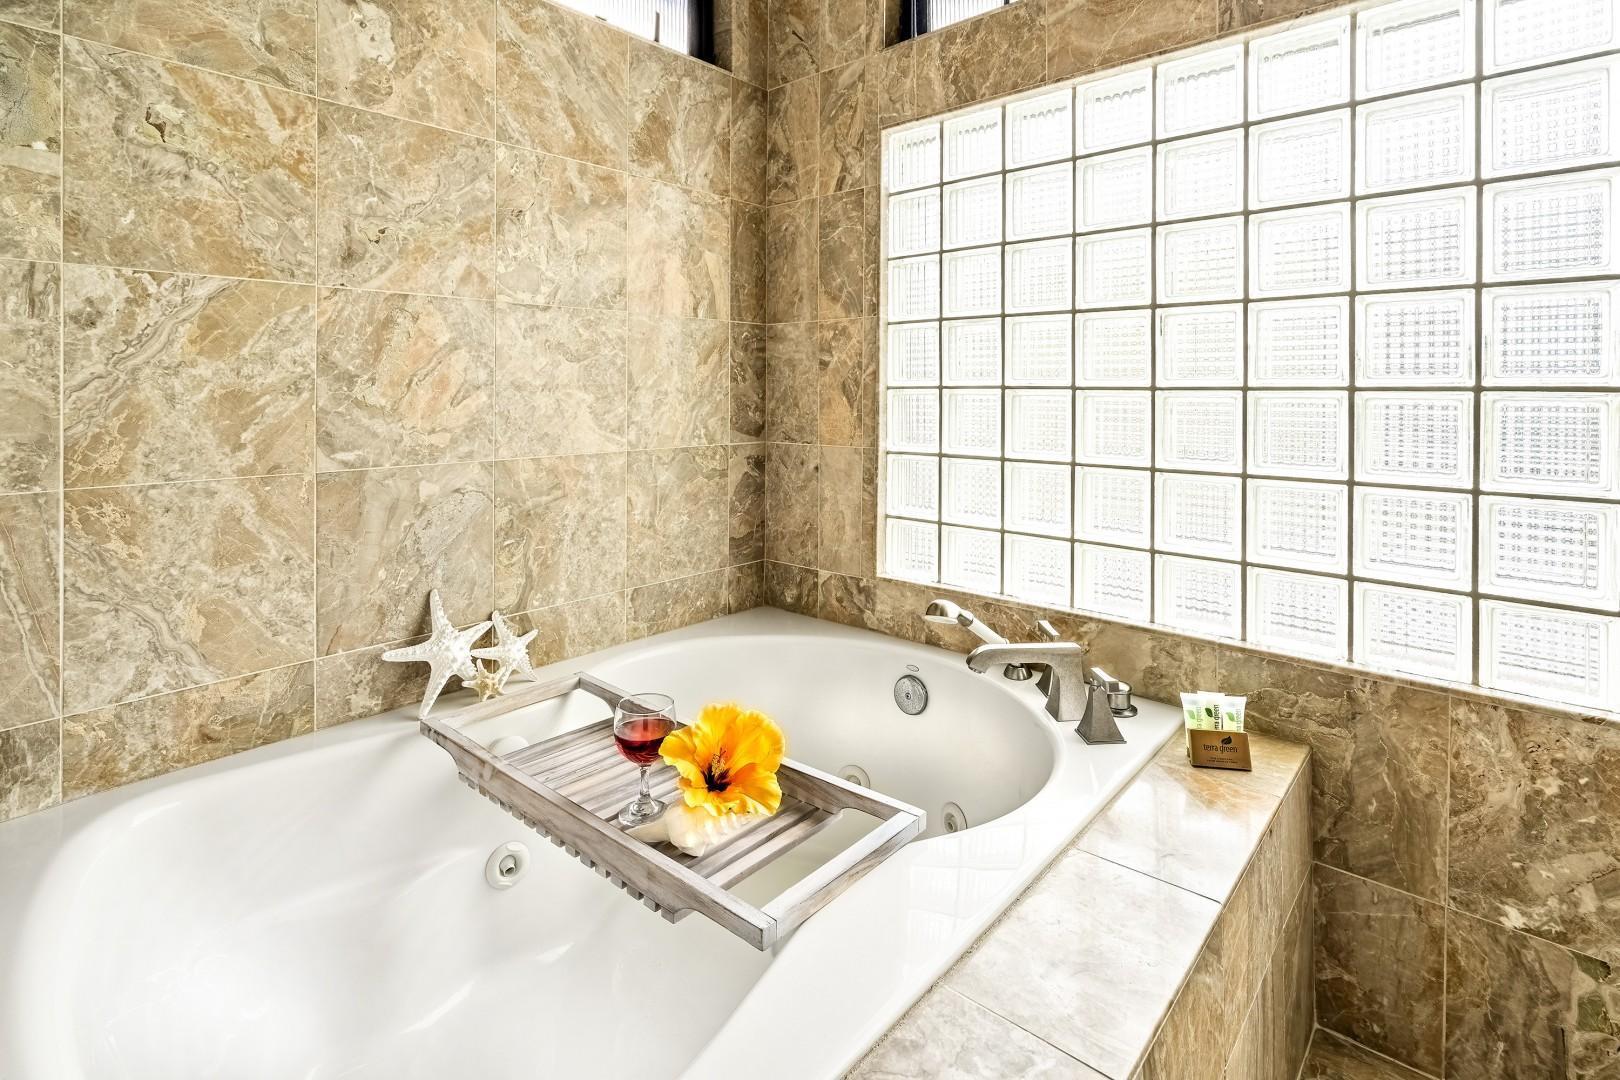 Large jacuzzi soaking tub